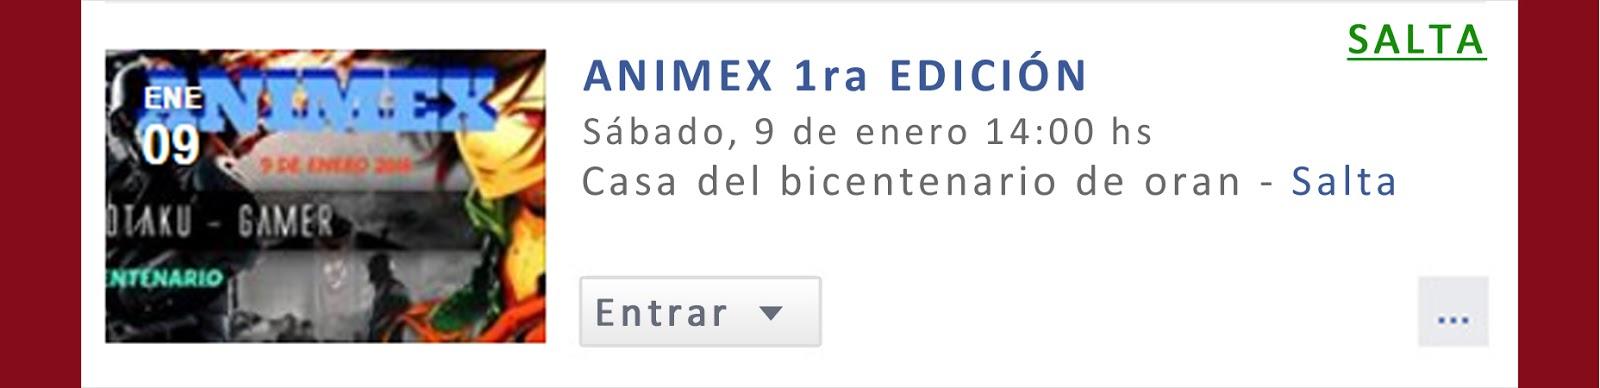 Eventos de Anime Argentina